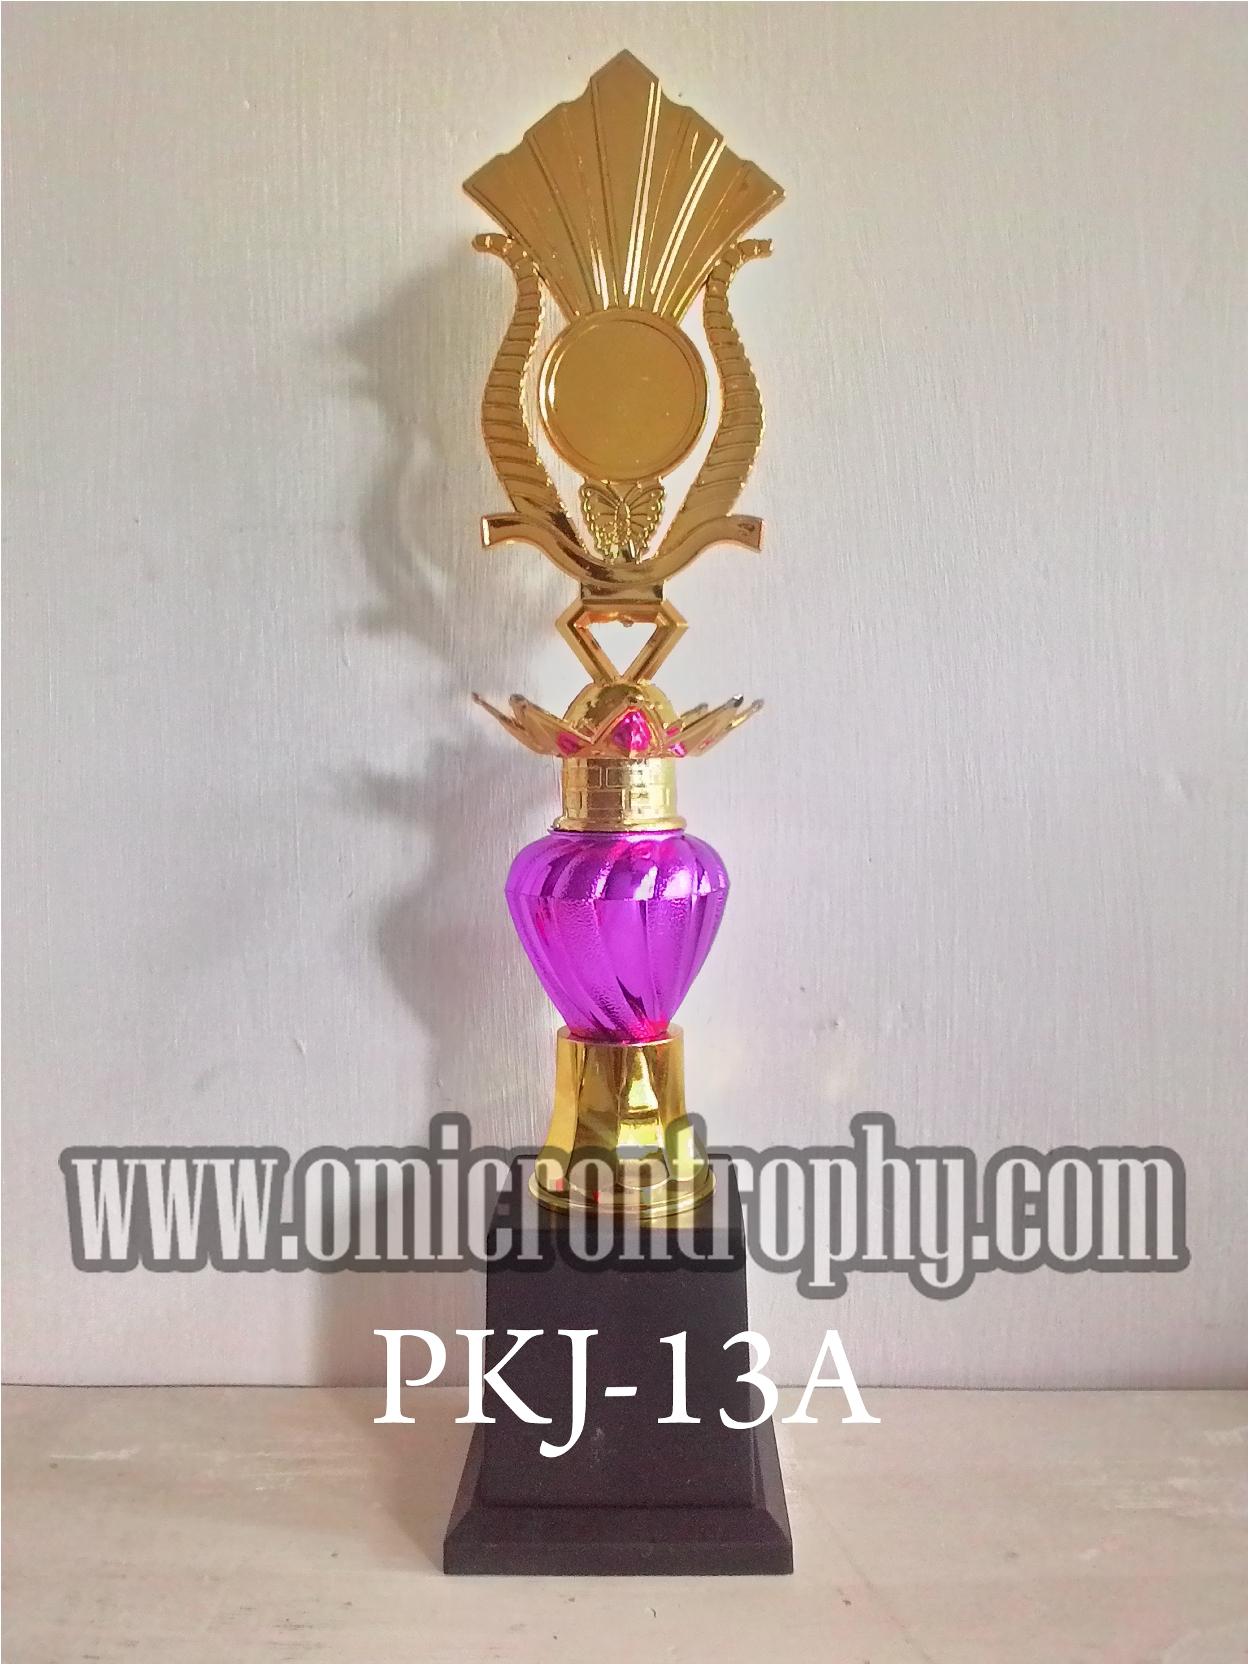 Jual Piala Di Depok